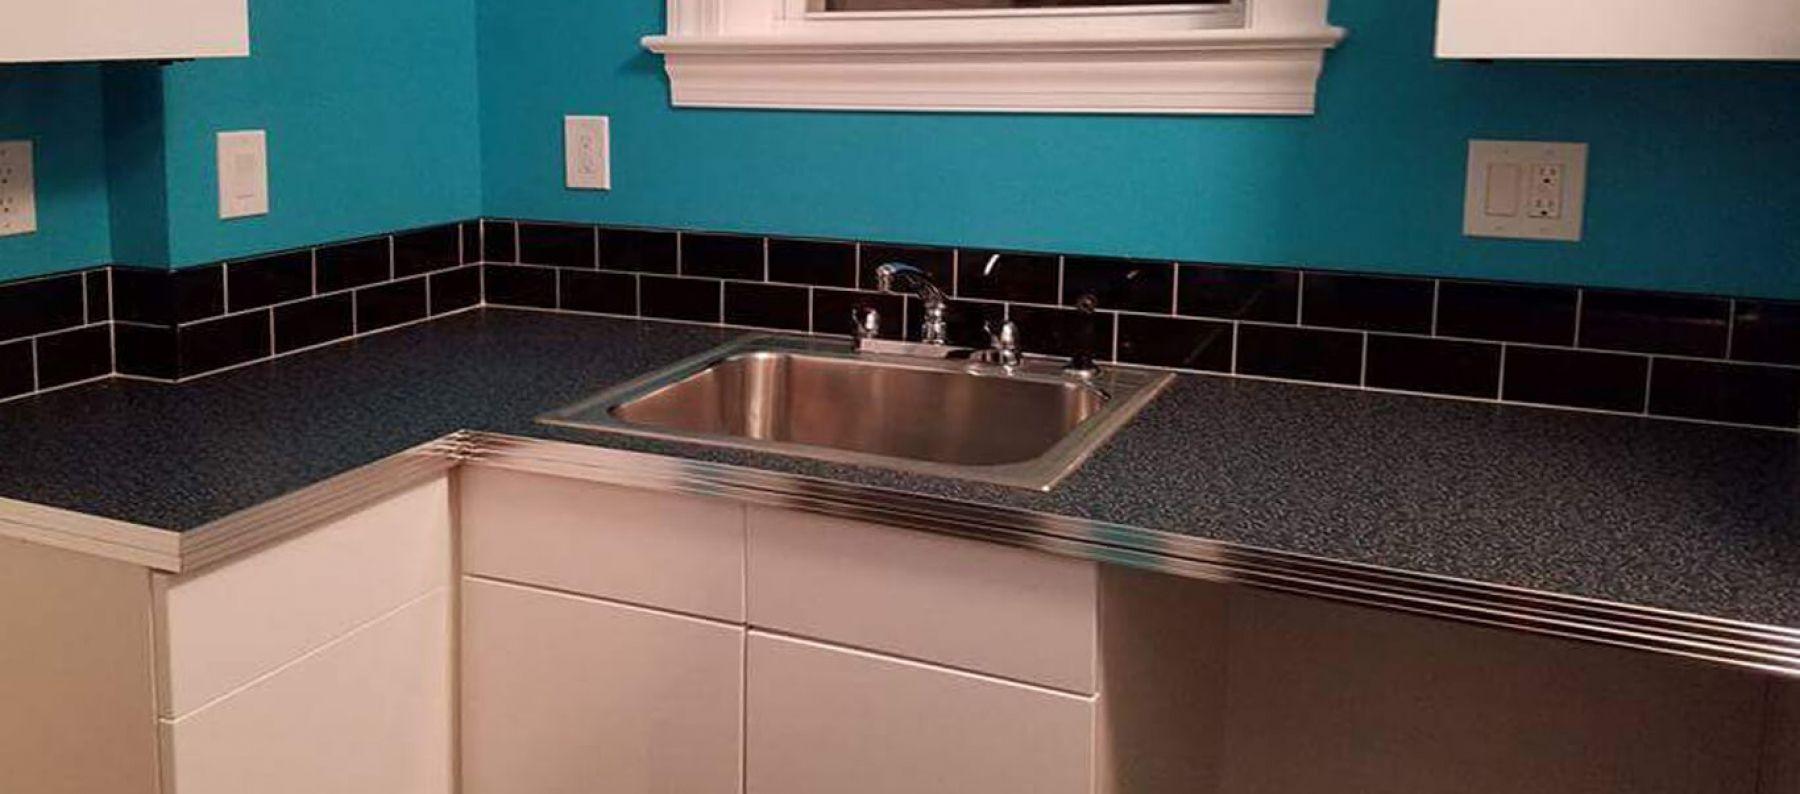 Aluminum countertop edging trim aluminum table